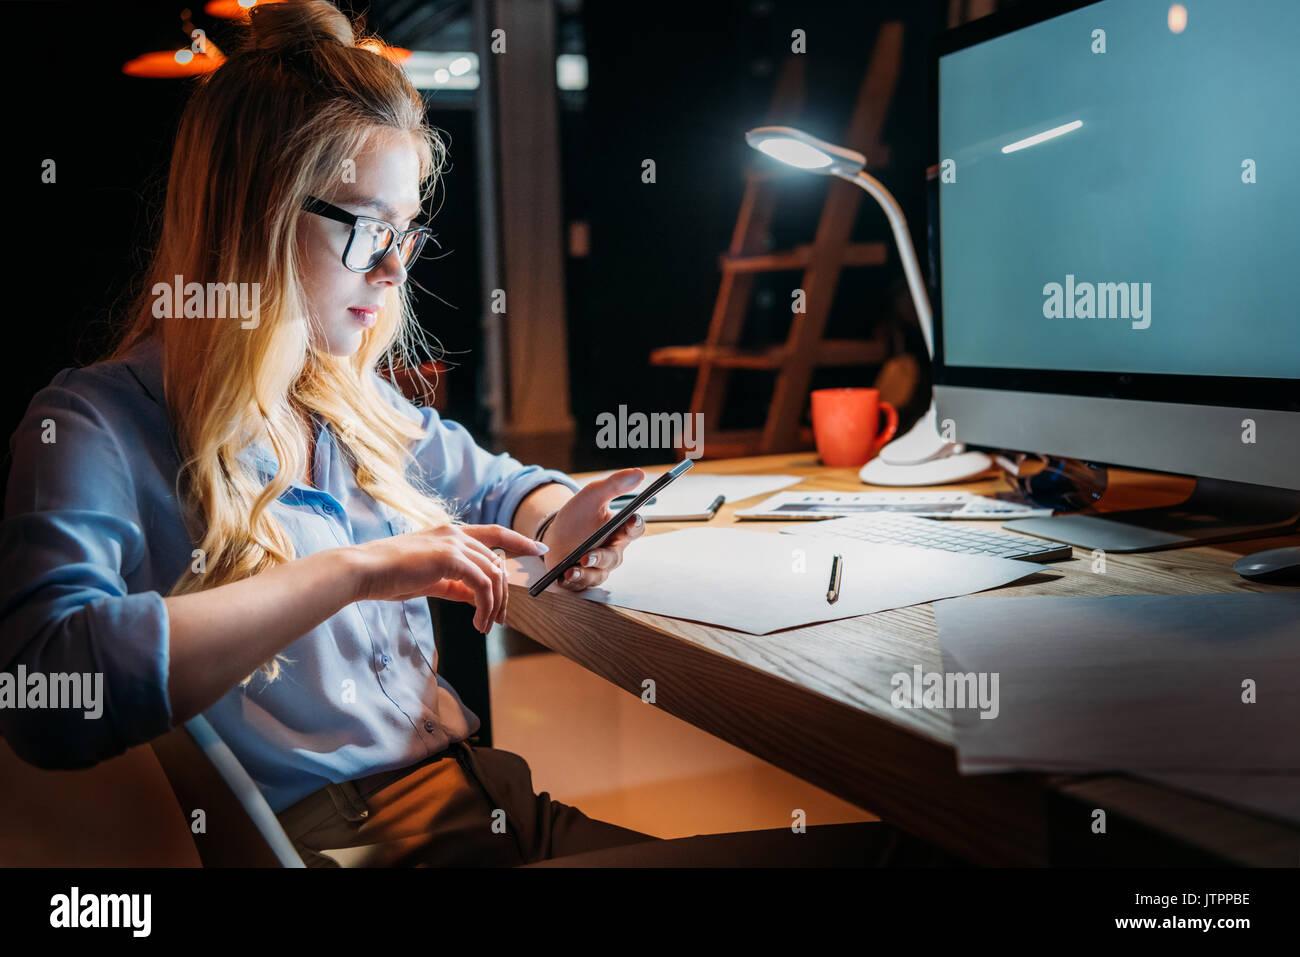 Joven rubia caucásica empresaria en anteojos con smartphone y sentarse en el lugar de trabajo con ordenador Imagen De Stock